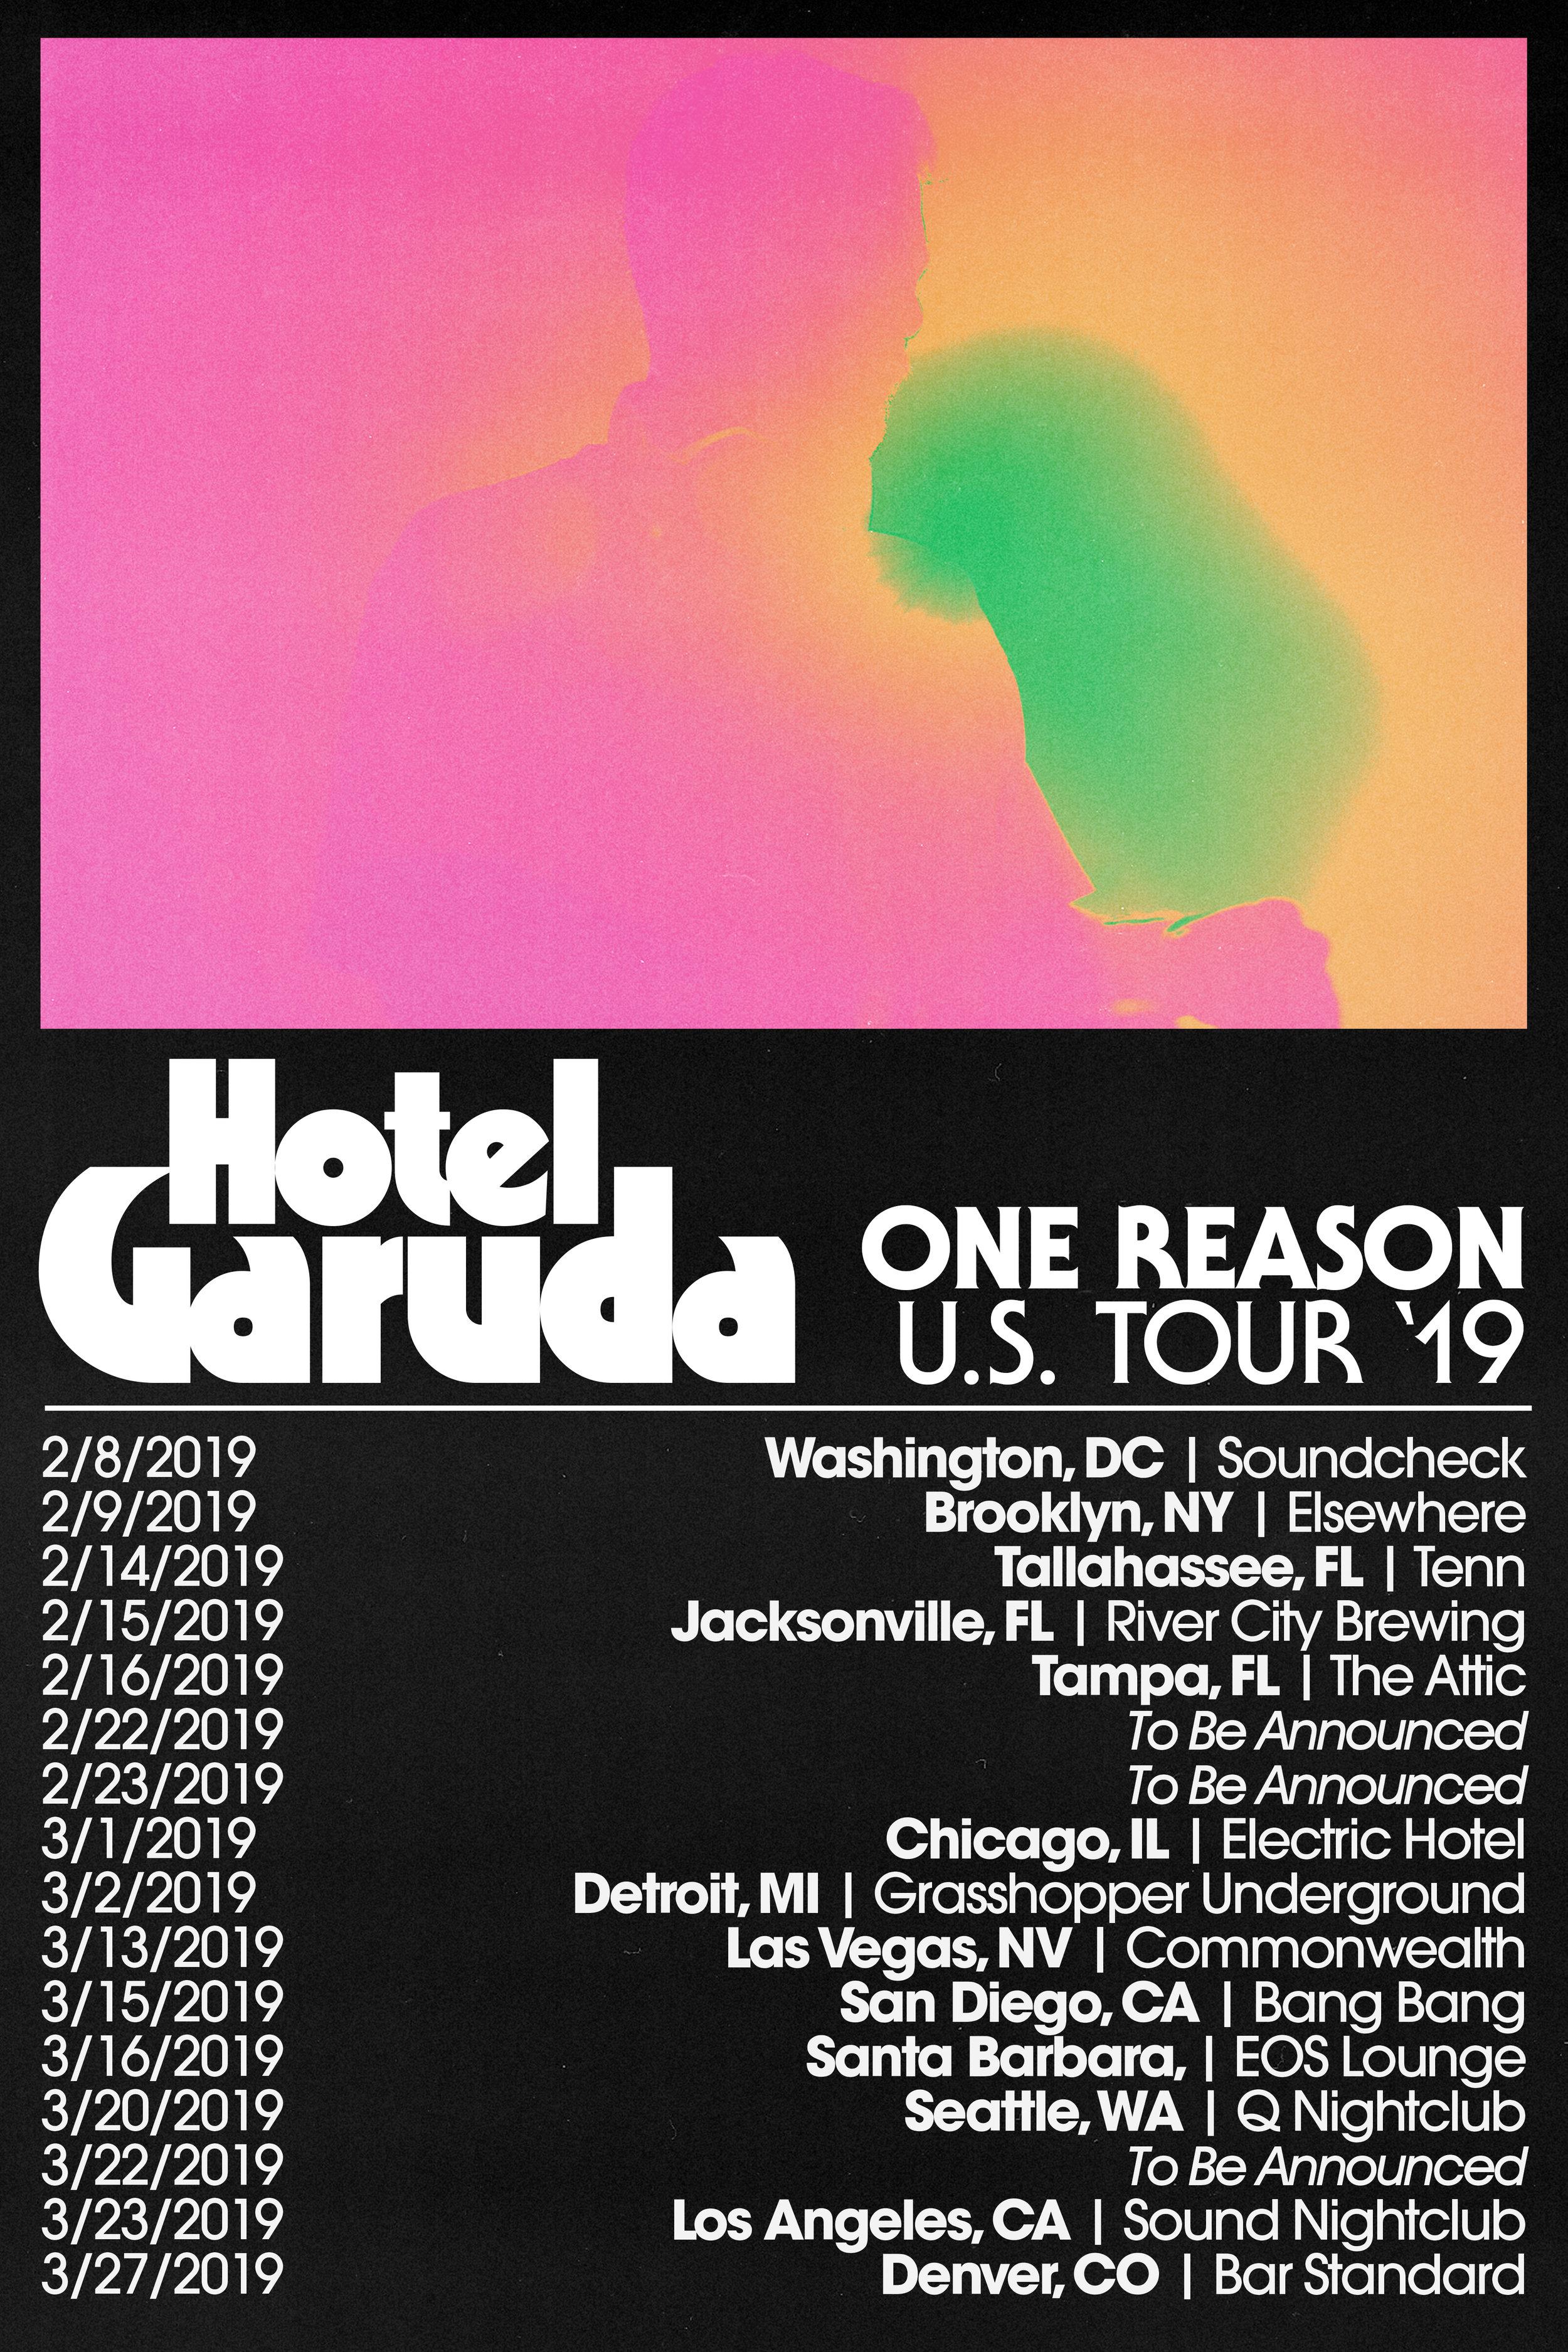 hotel garuda new poster pink orange.jpg